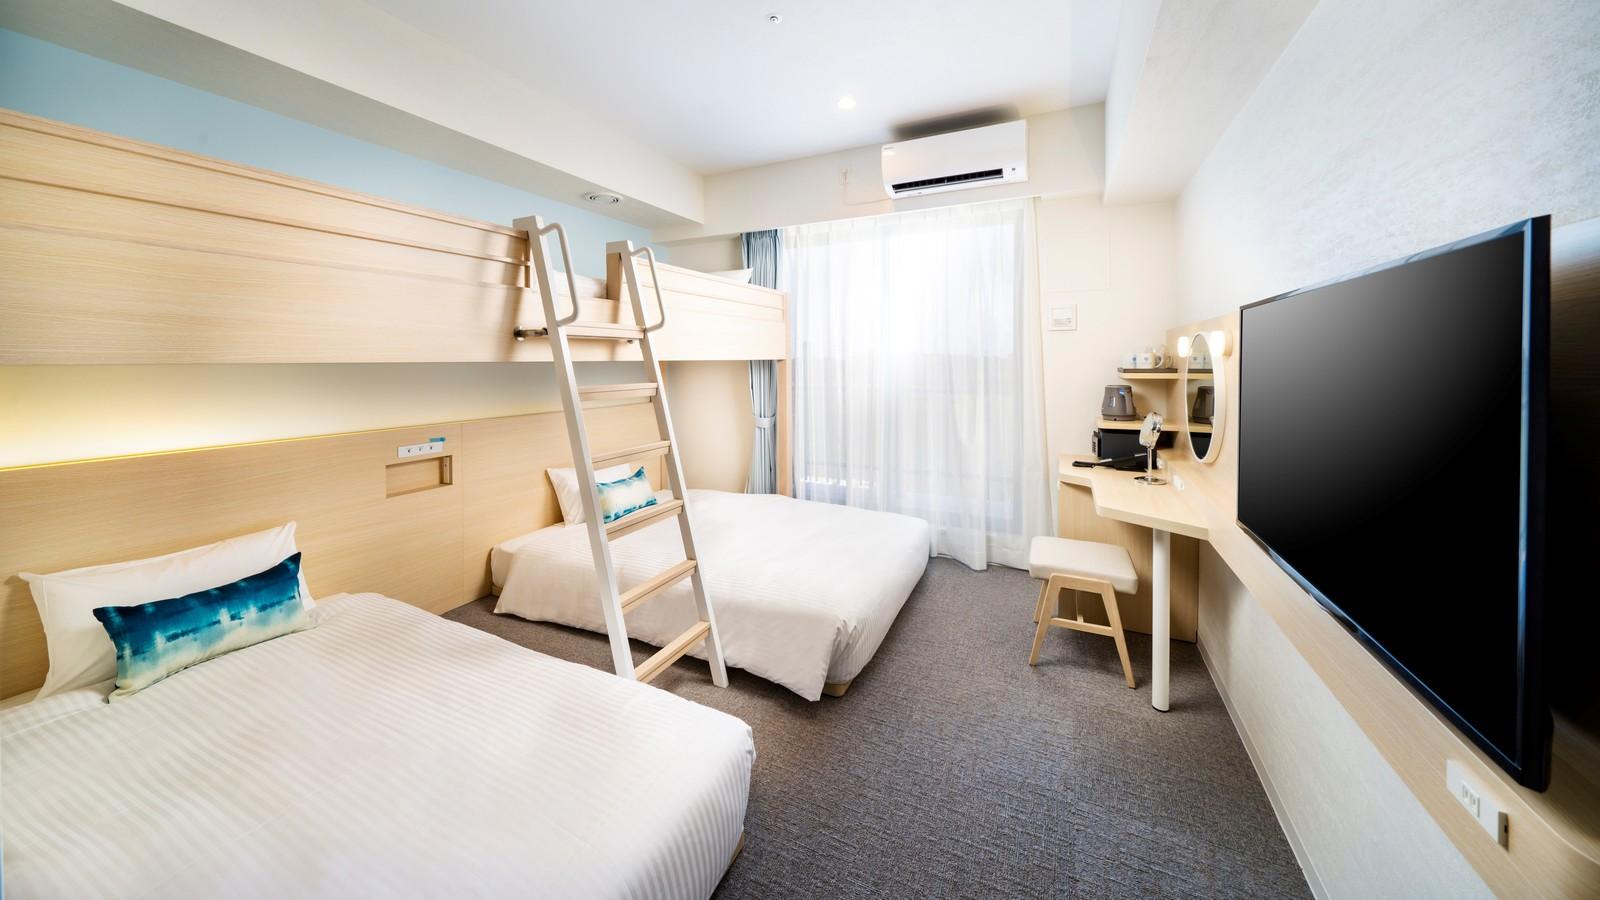 ホテル・トリフィート宮古島リゾート / スーペリアファミリールーム (バルコニー付)